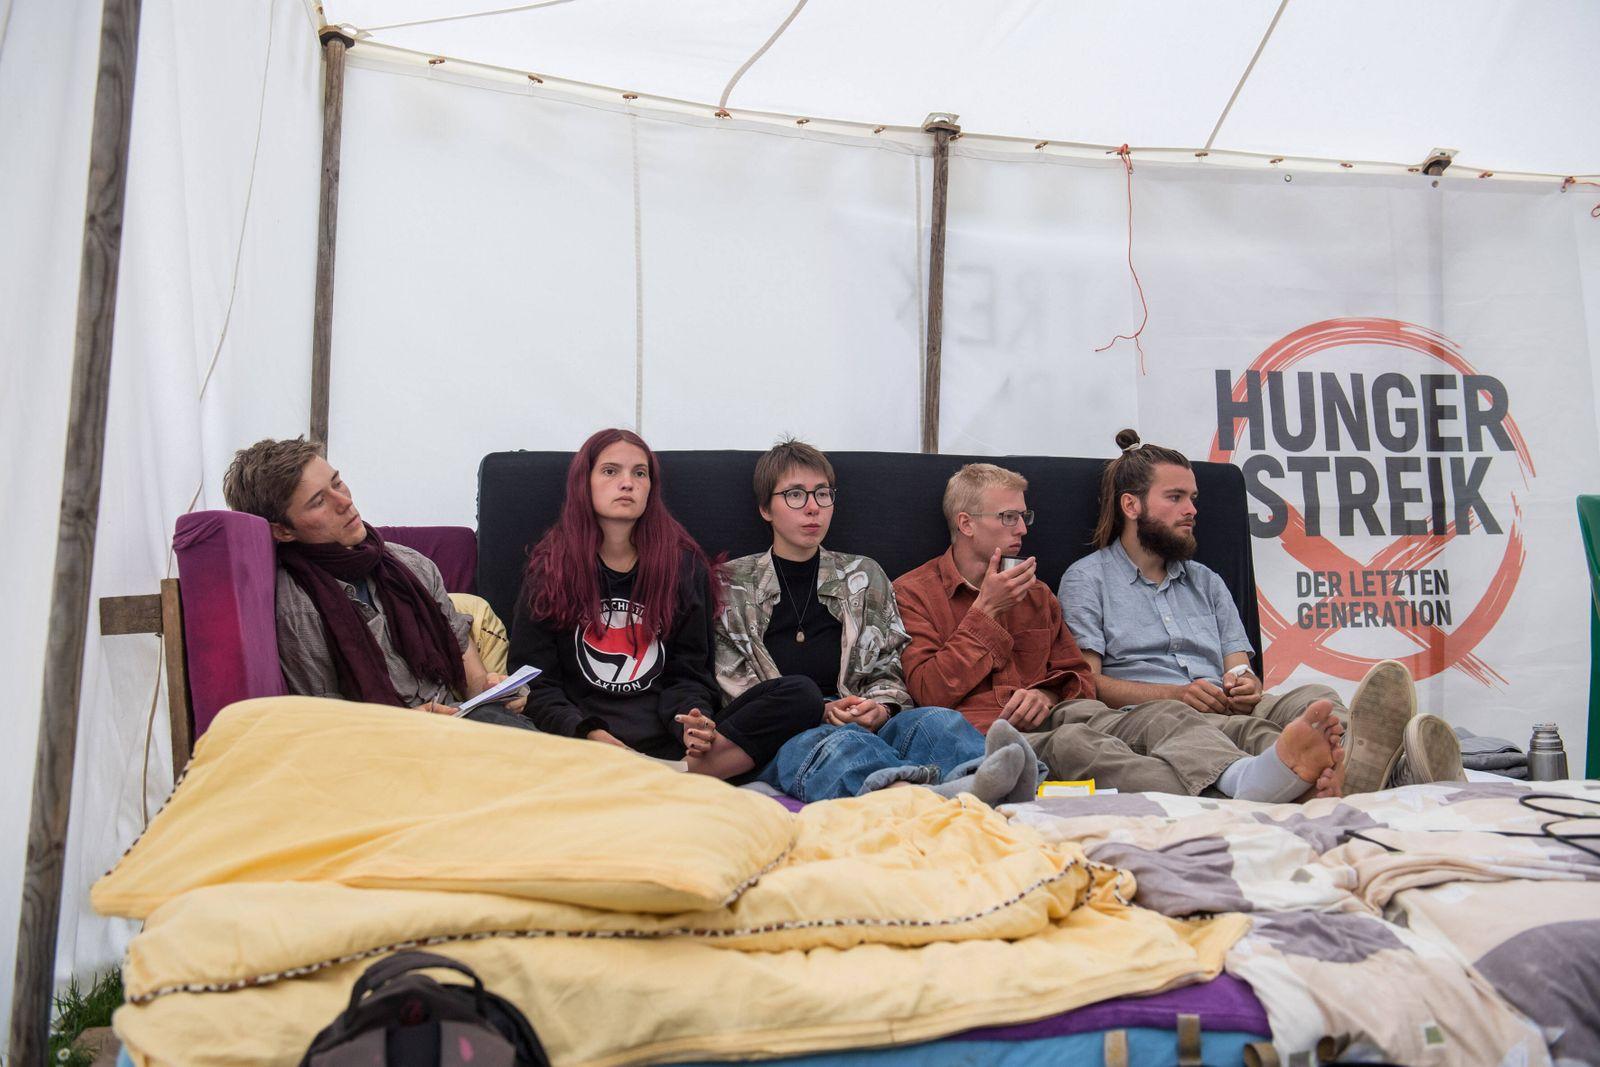 Eine Gruppe junger Erwachsener in Berlin haelt trotz ihres sich nach eigenen Angaben rasant verschlechternden Gesundhei